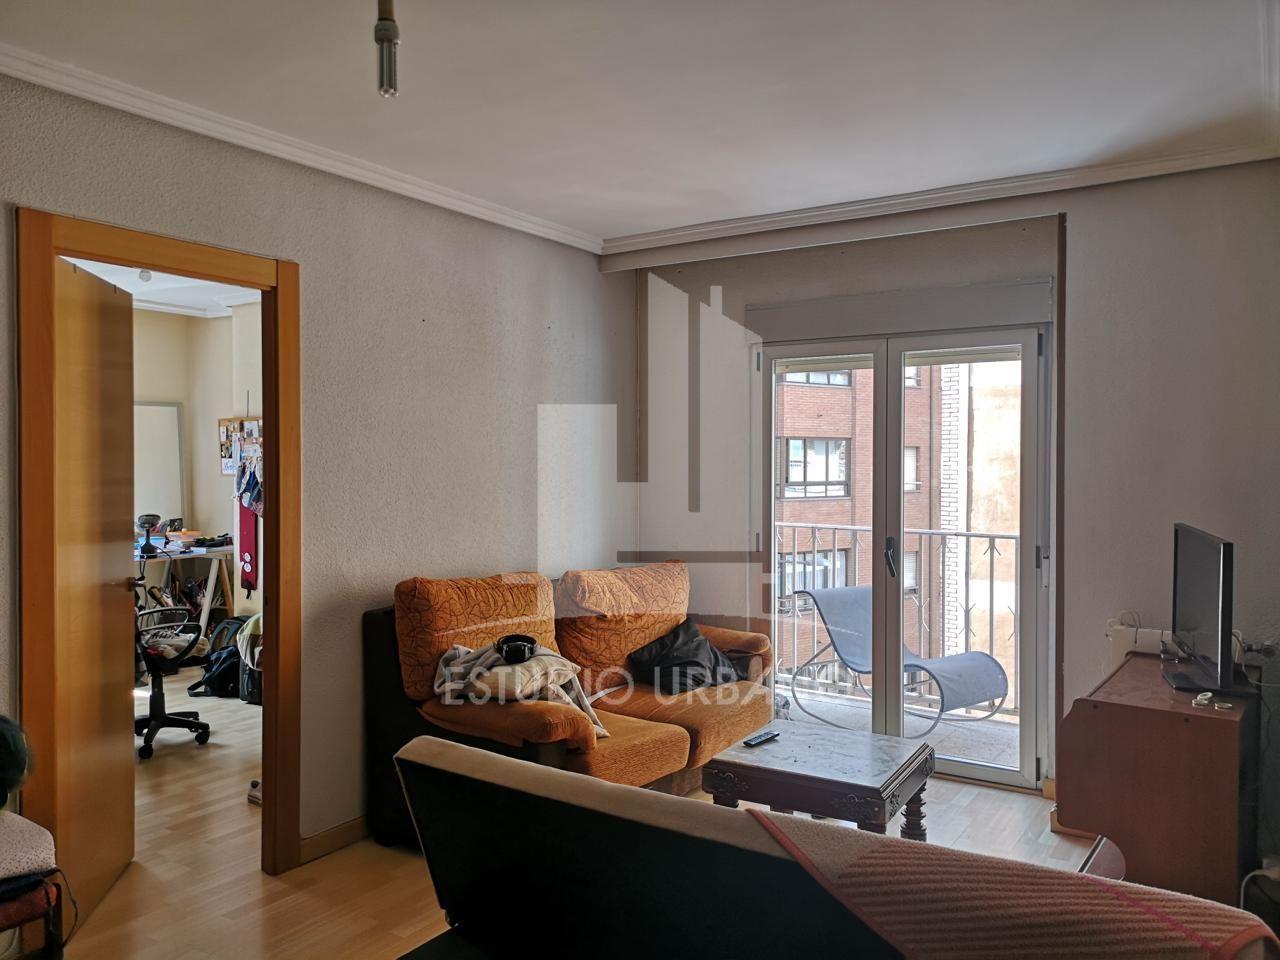 pisos en salamanca · calle-pedro-mendoza-37004 170000€